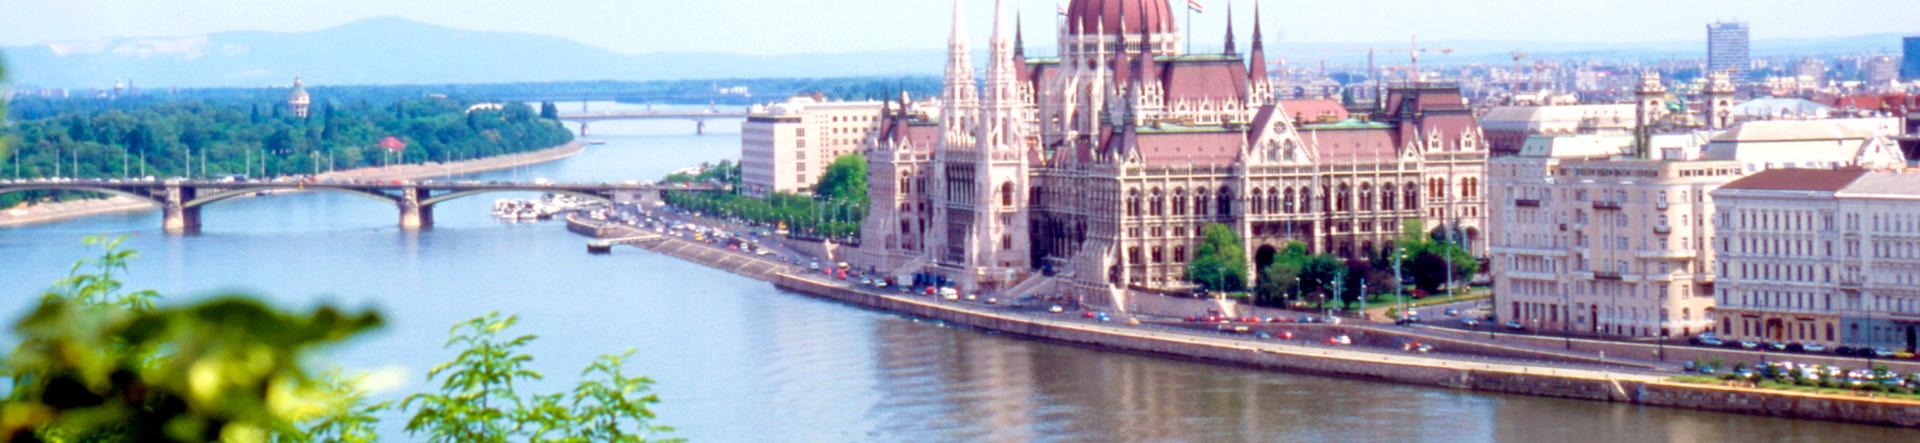 Danubio de Viena a Budapest